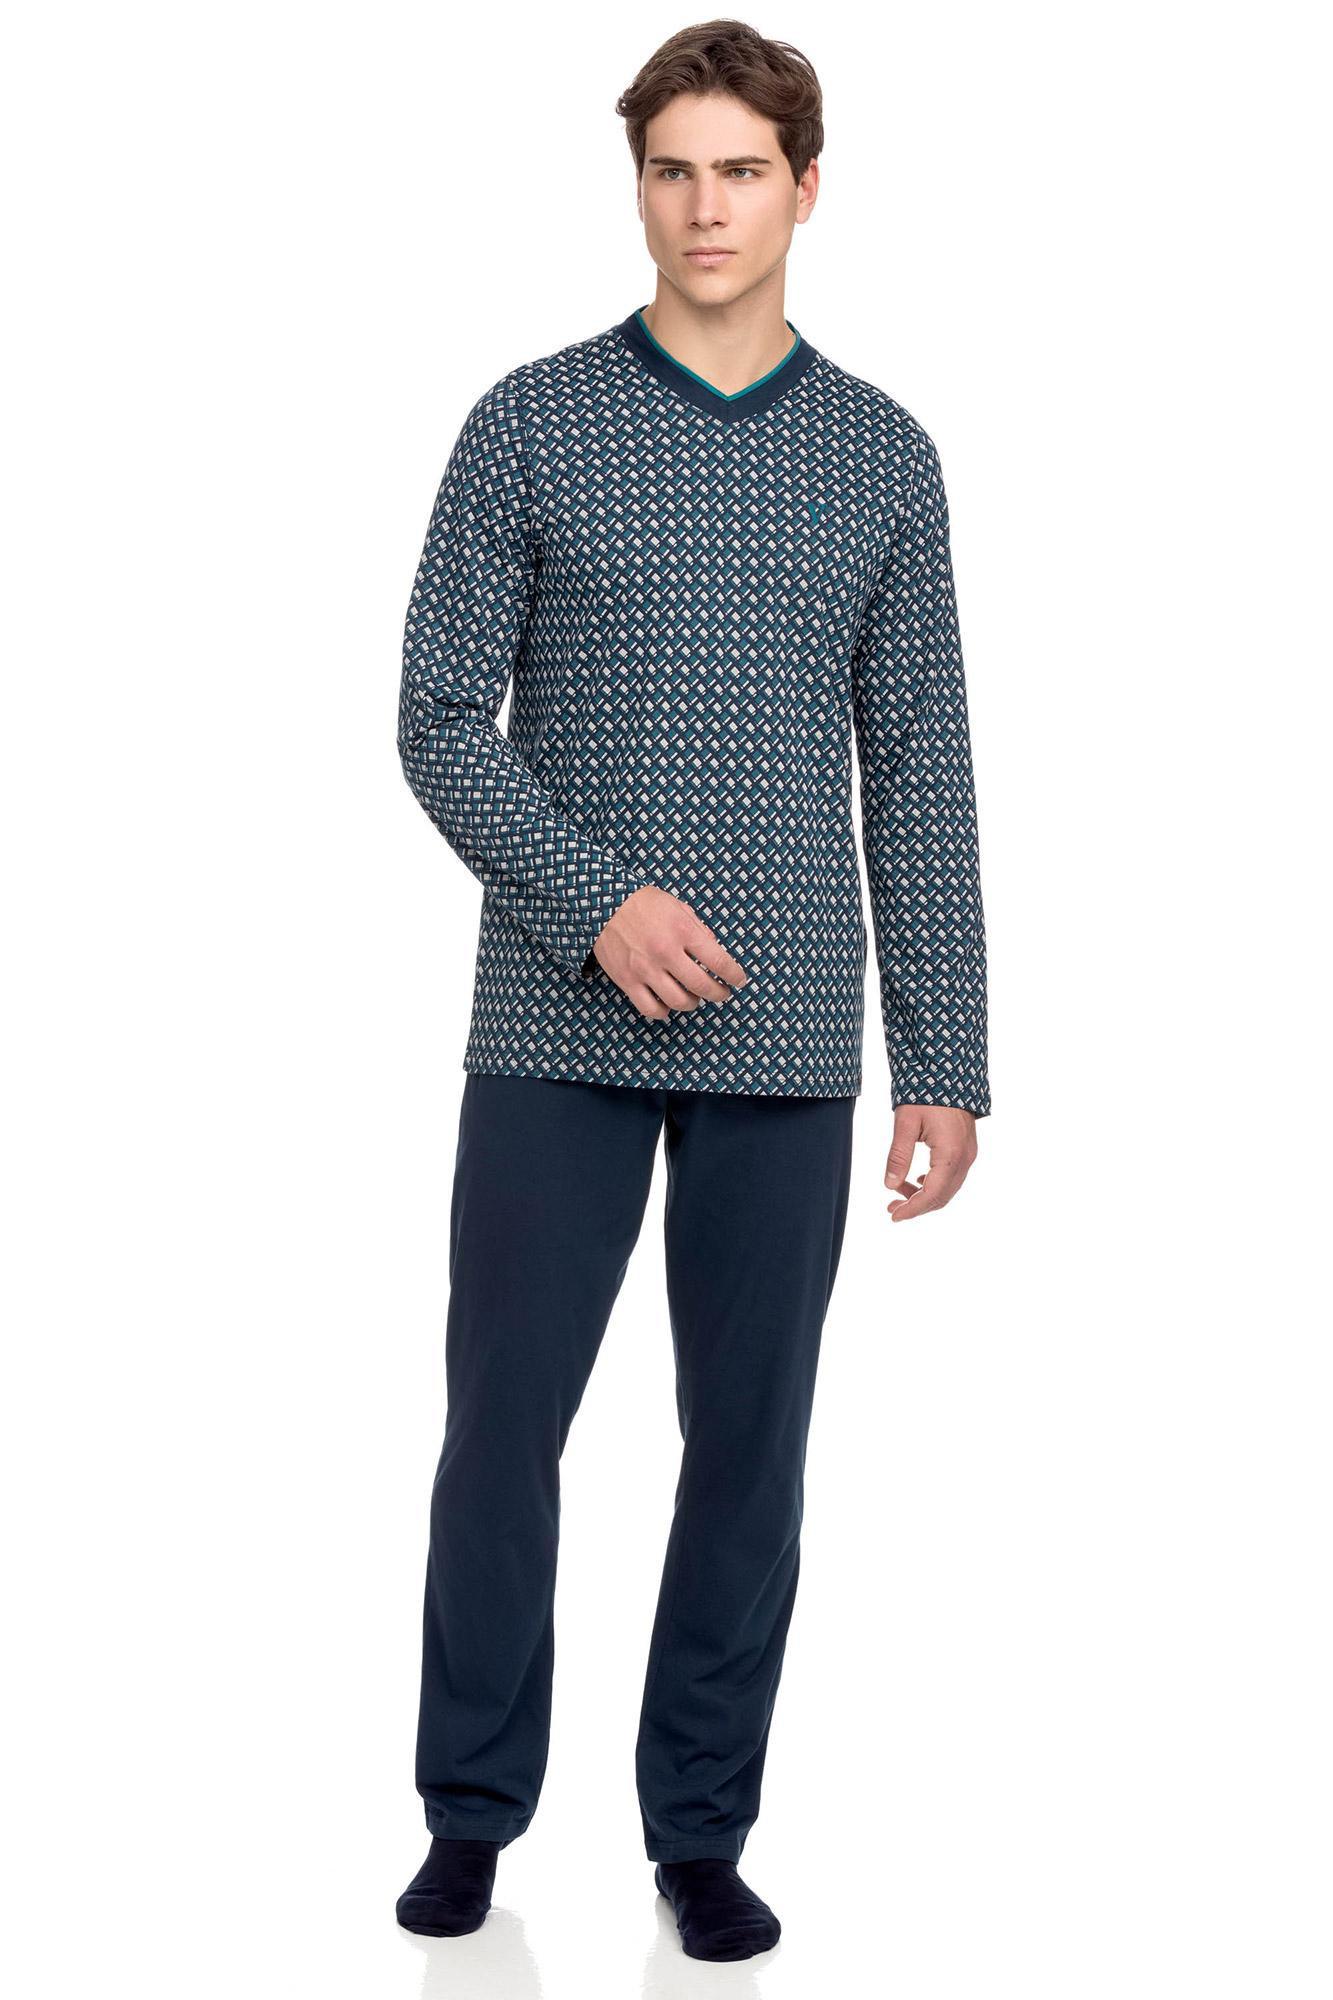 Vamp - Bavlnené pánske pyžamo 15632 - Vamp blue oxford xxl